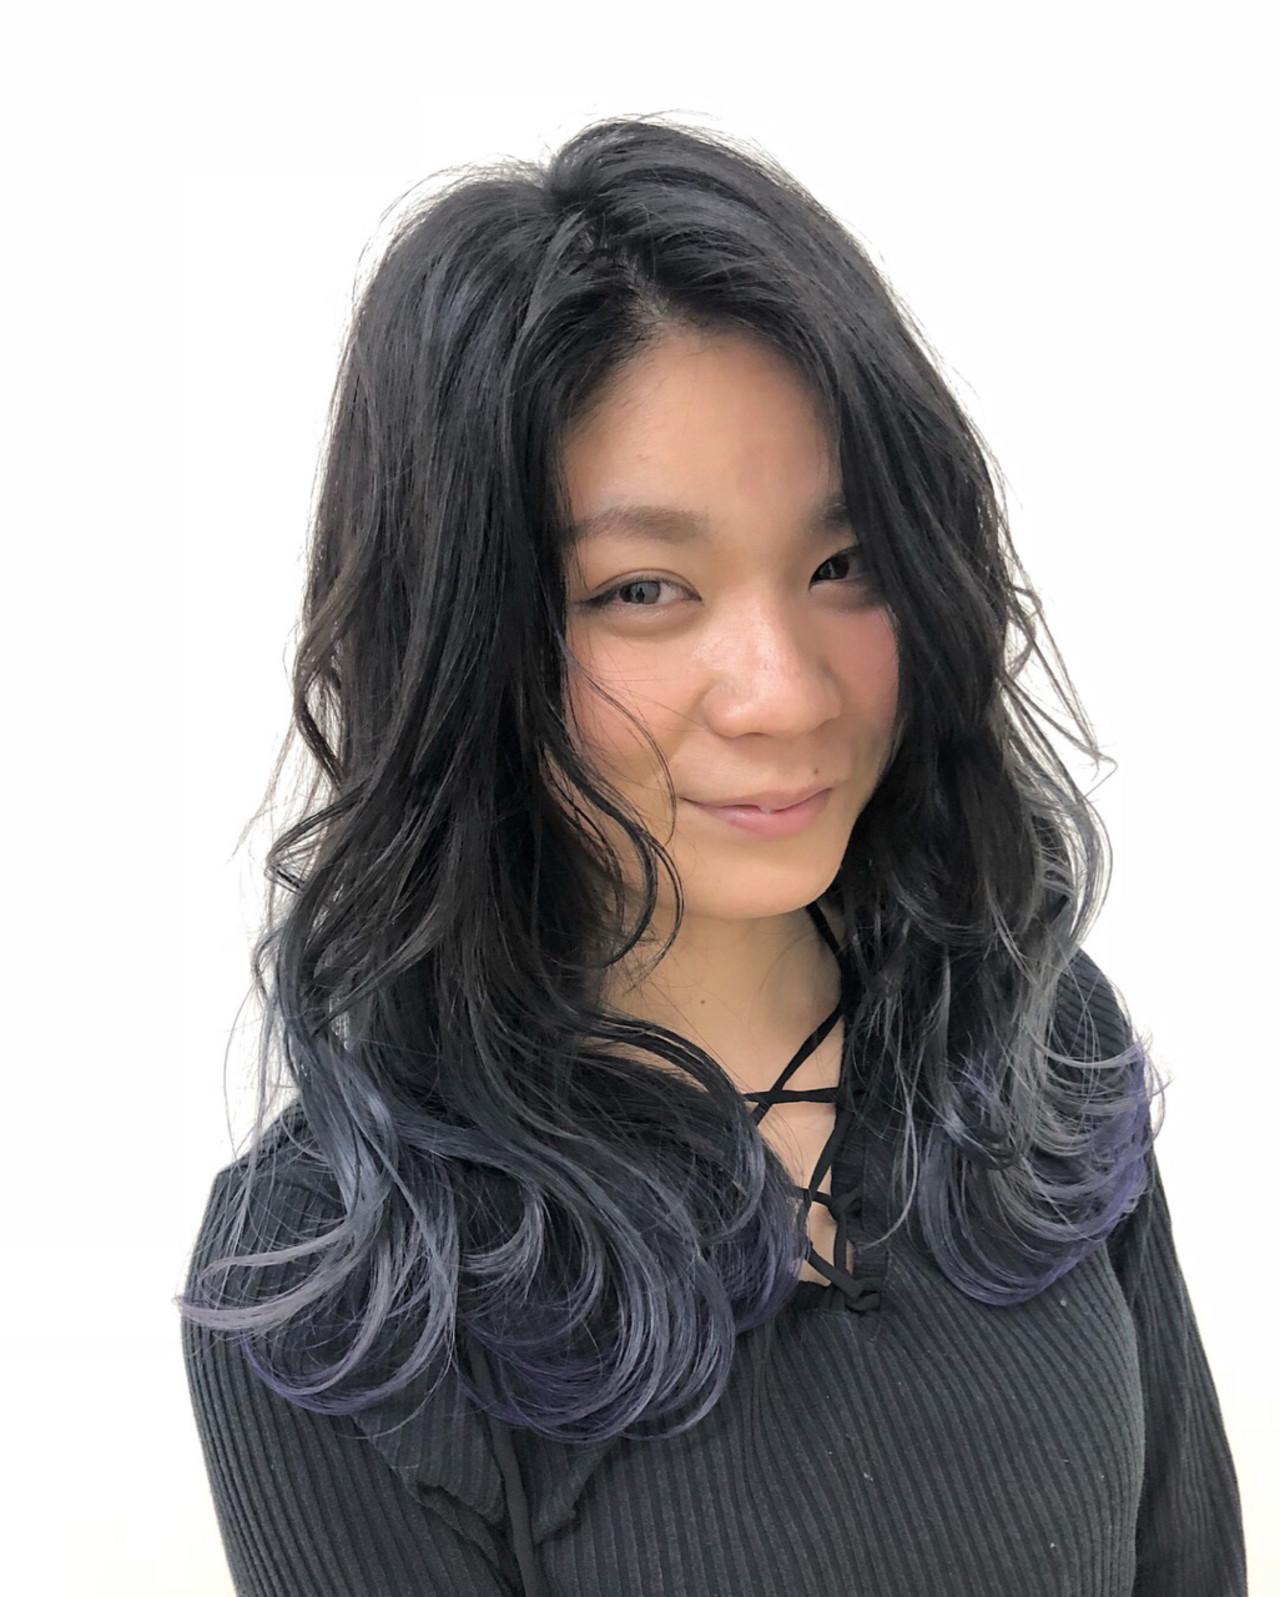 グラデーションカラーの巻き方 Yuuta Asato